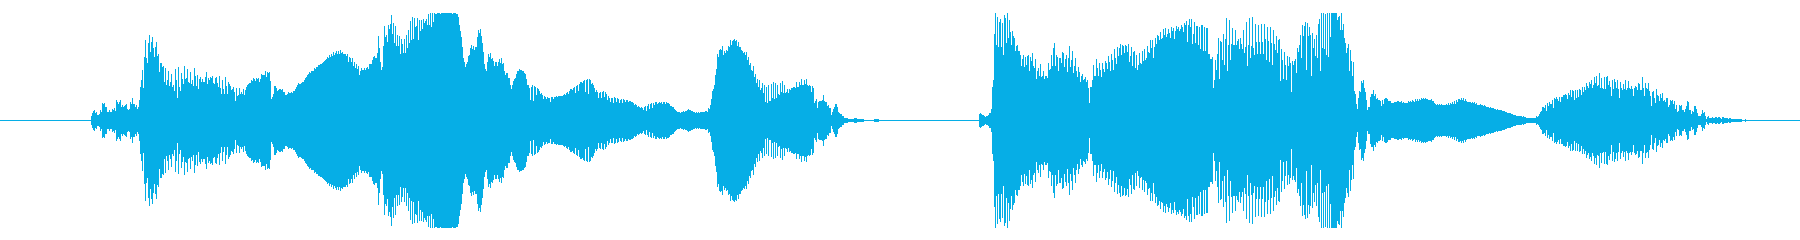 動画用面白声素材_ぺろりの再生済みの波形